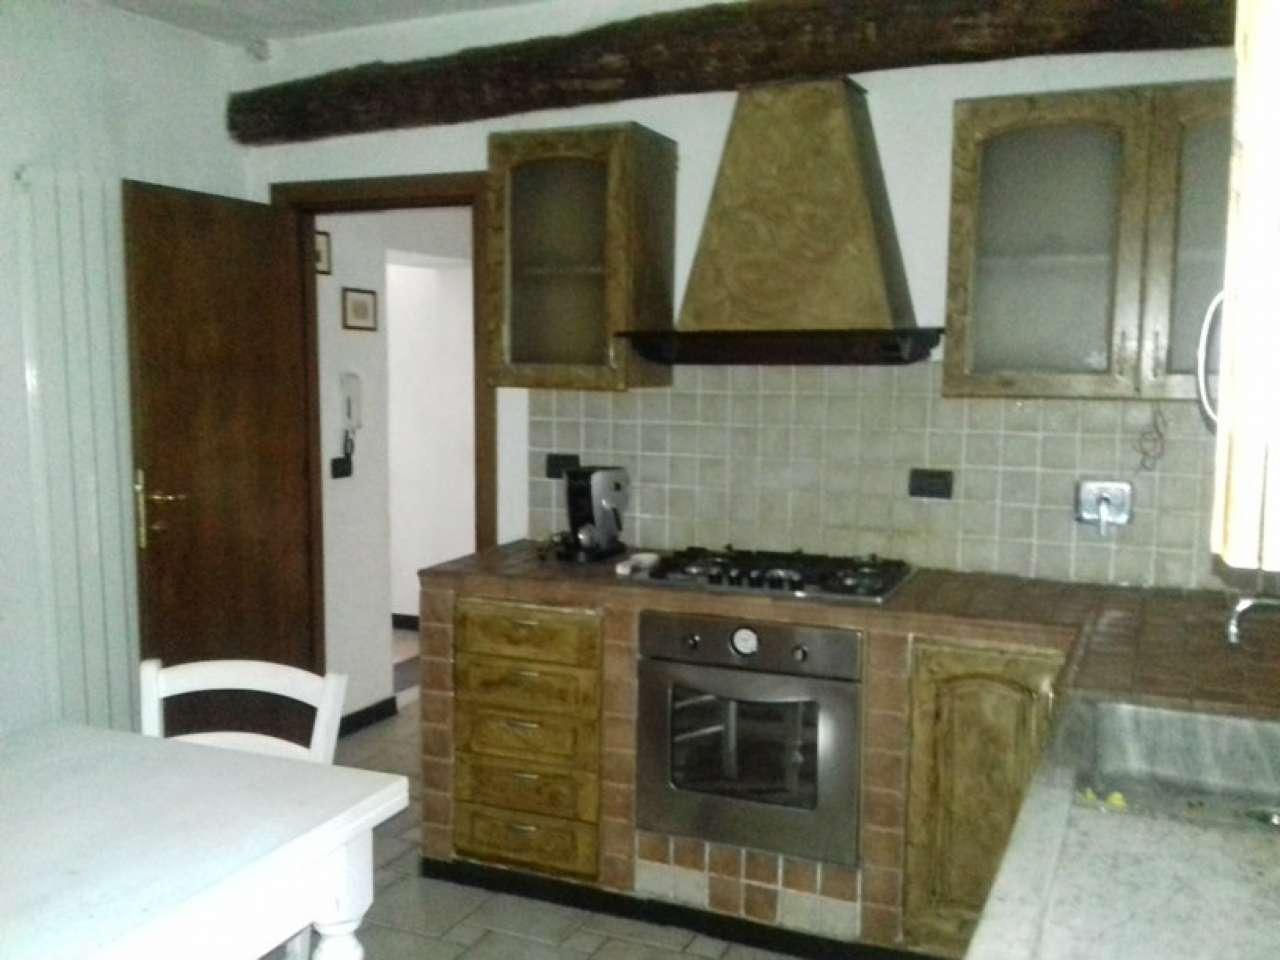 Palazzo / Stabile in vendita a Riccò del Golfo di Spezia, 5 locali, prezzo € 175.000 | Cambio Casa.it